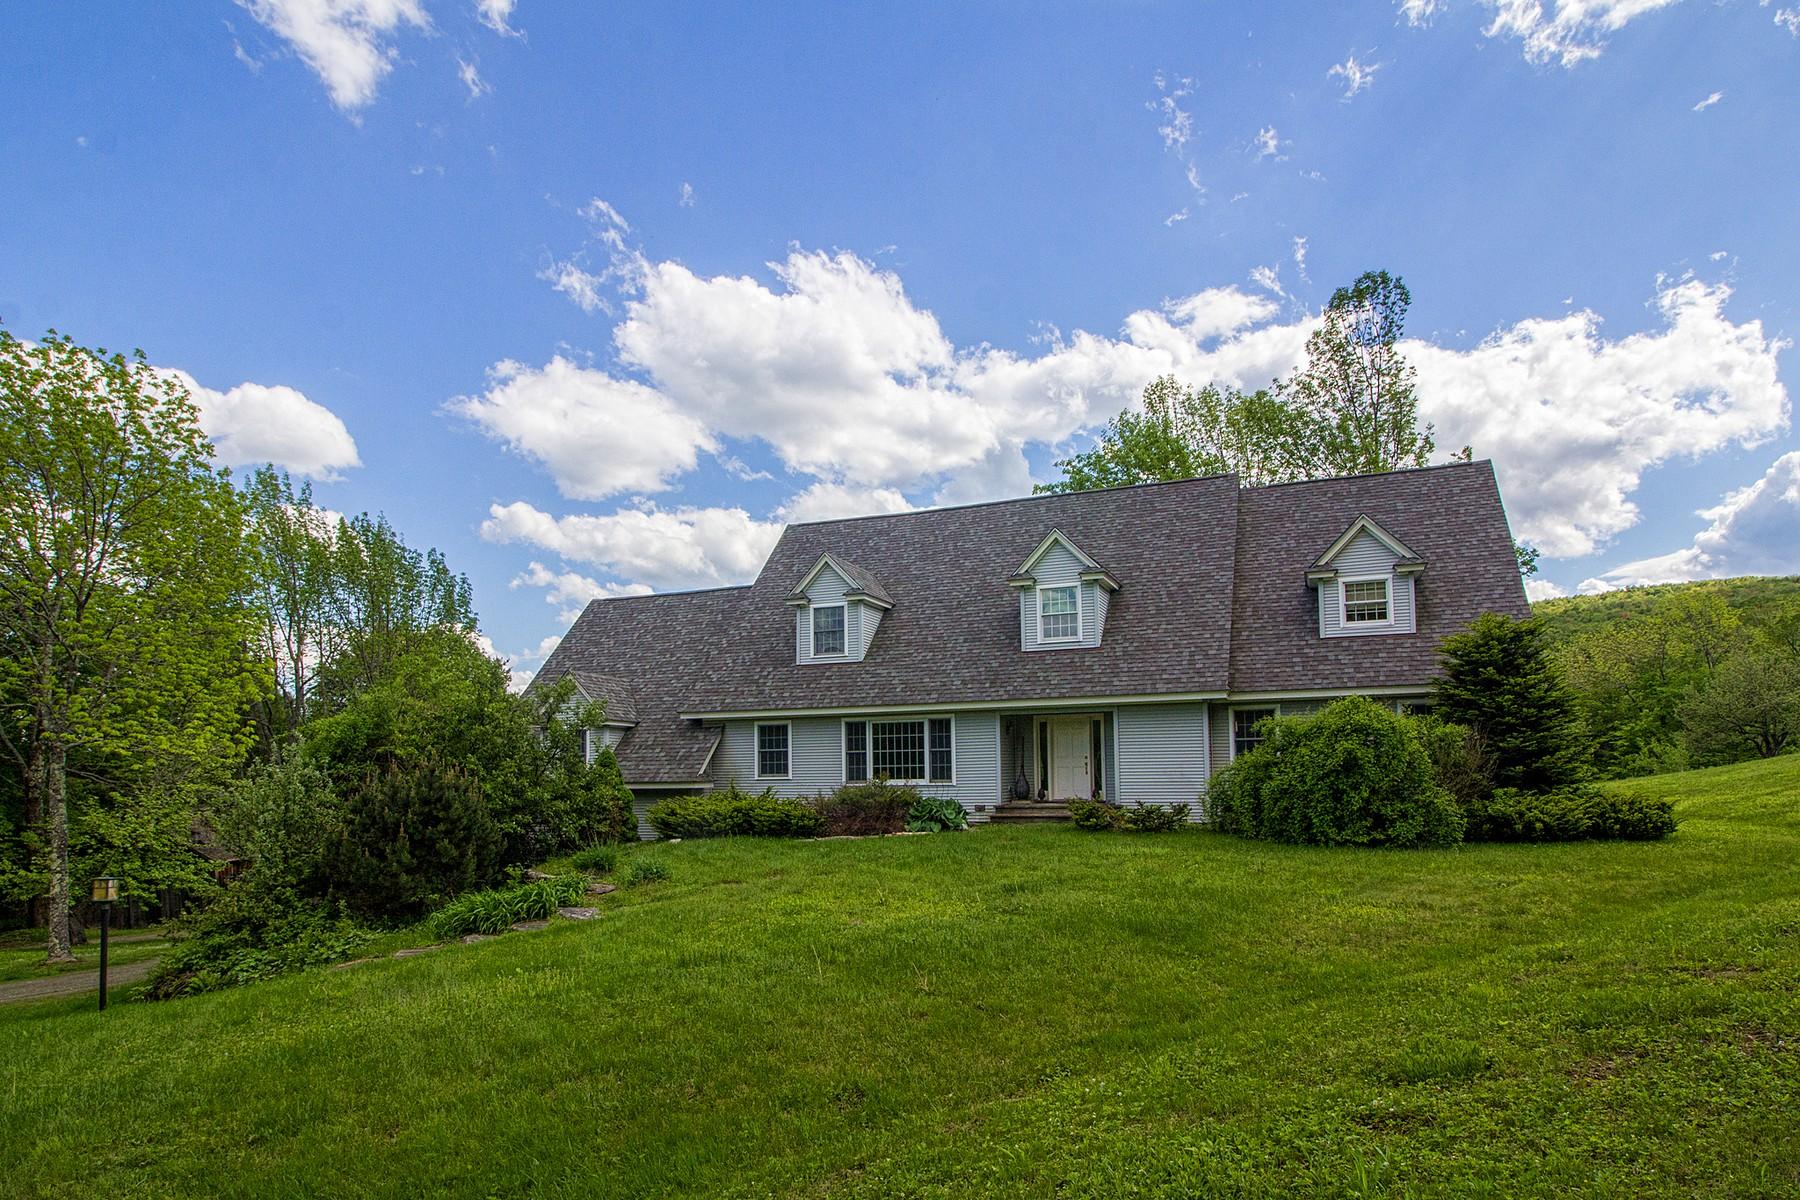 独户住宅 为 销售 在 136 Yeaw Road, Dover 136 Yeaw Rd, 多佛, 佛蒙特州, 05356 美国